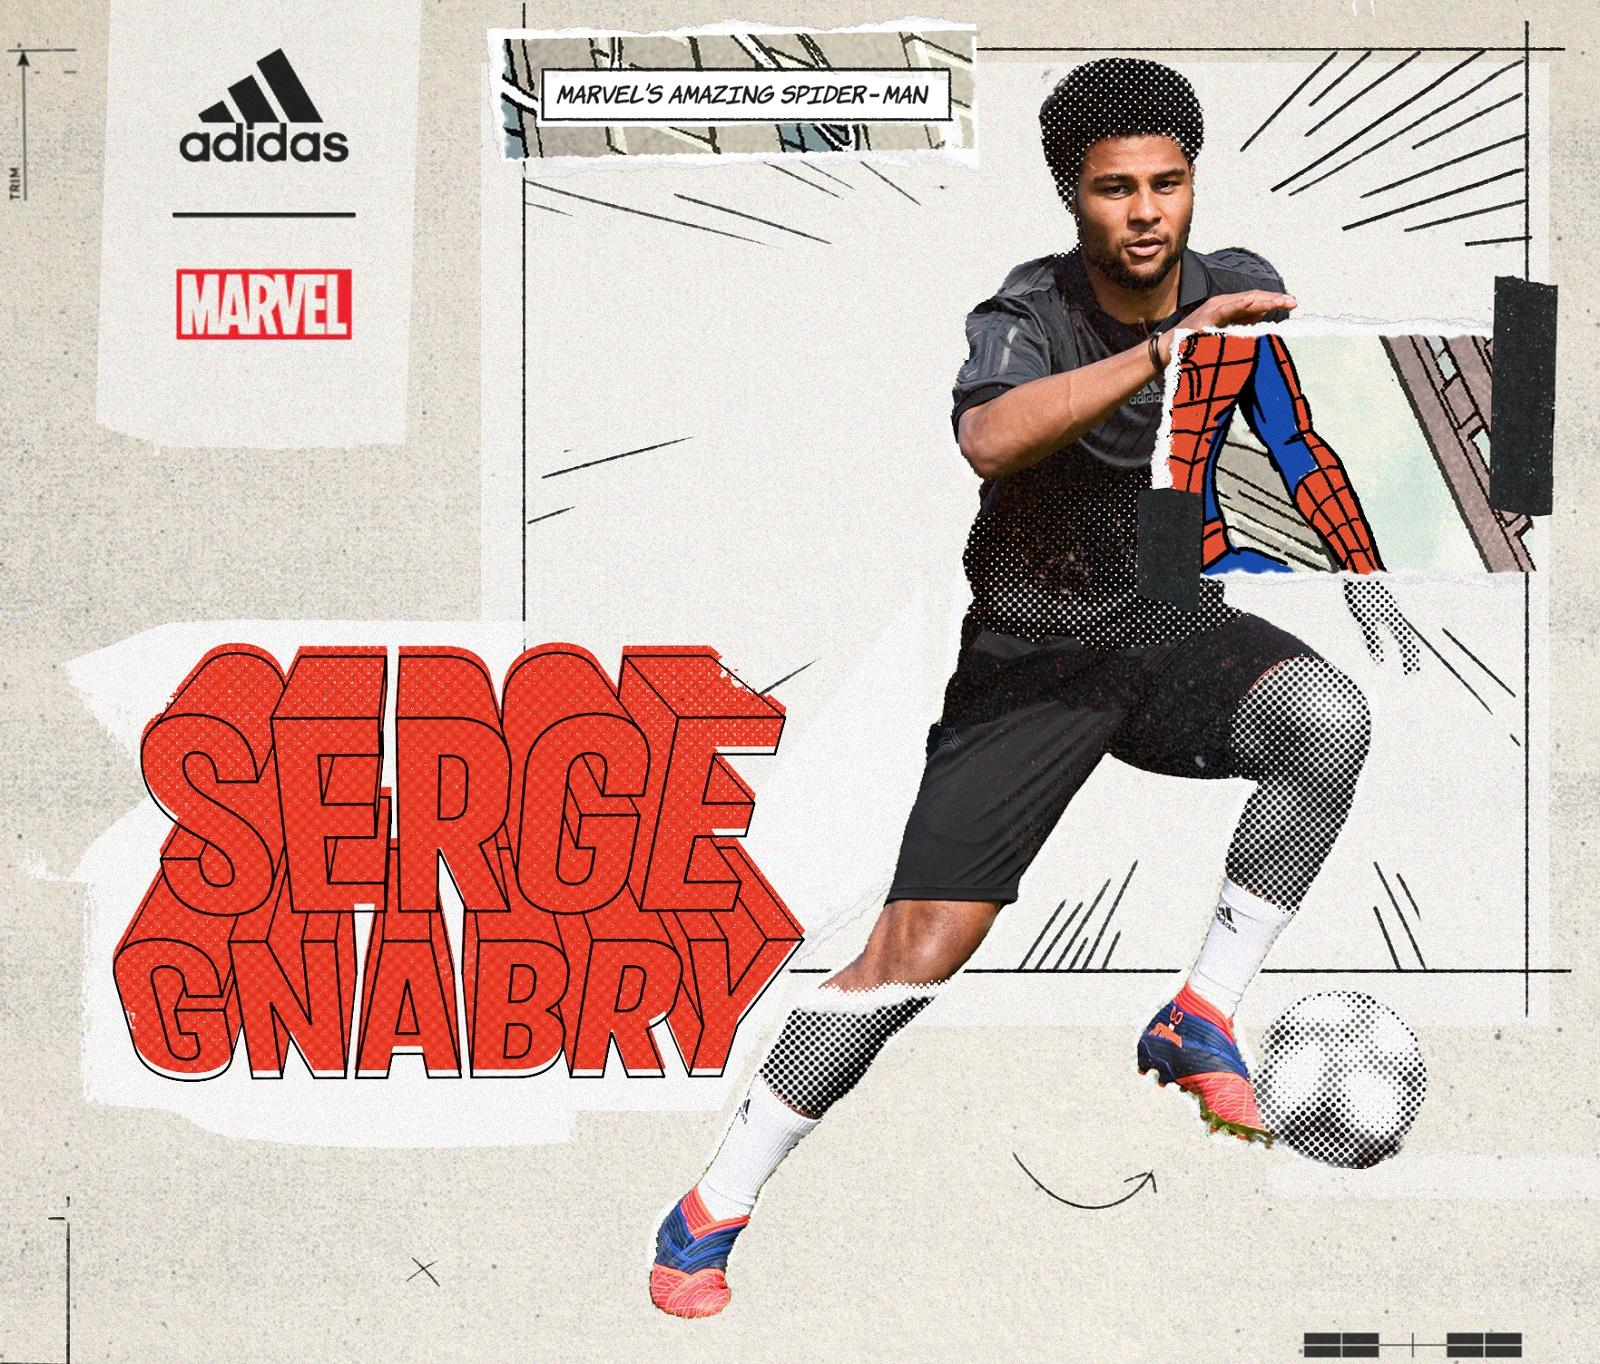 Hasil gambar untuk adidas marvel Serge Gnabry